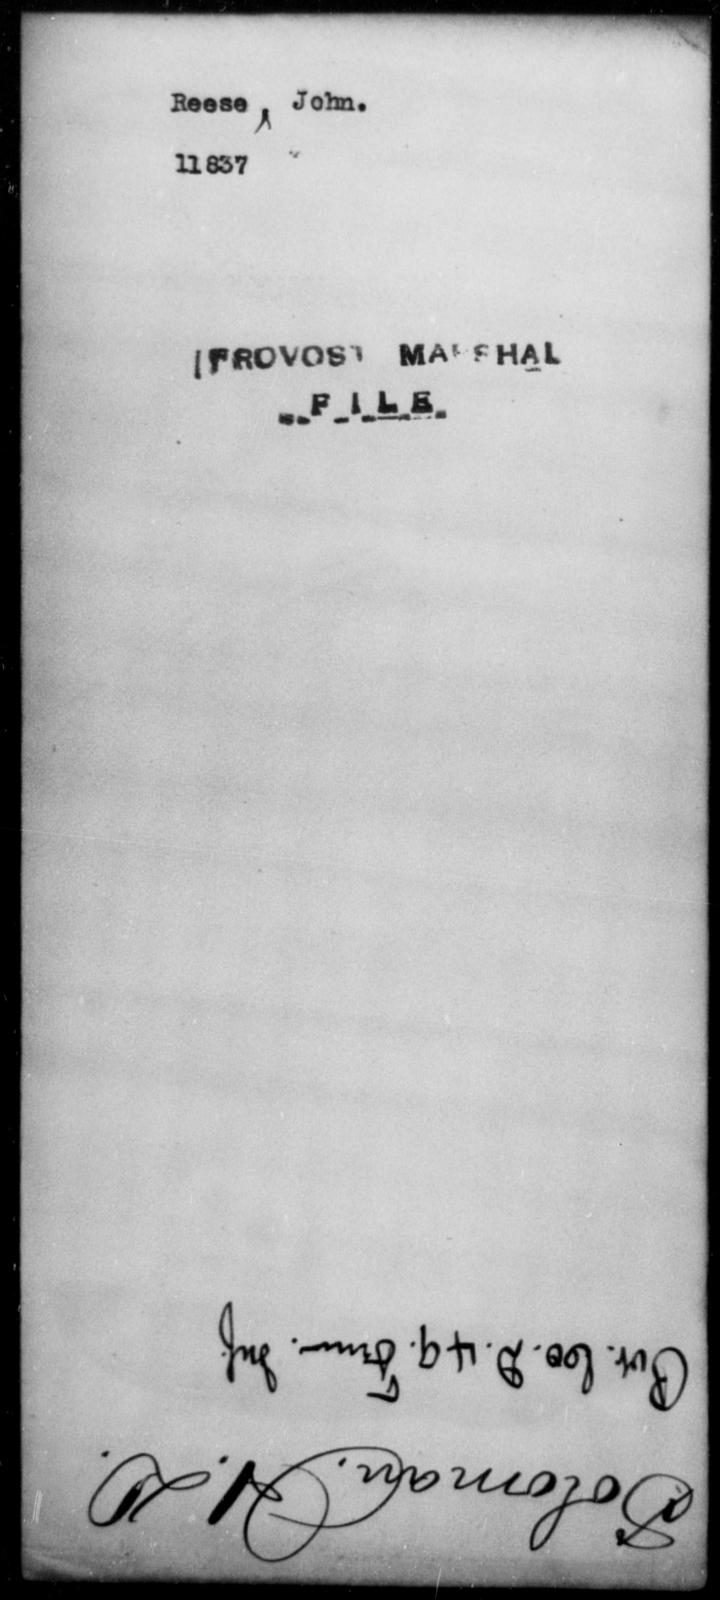 Reese, John - State: [Blank] - Year: [Blank]